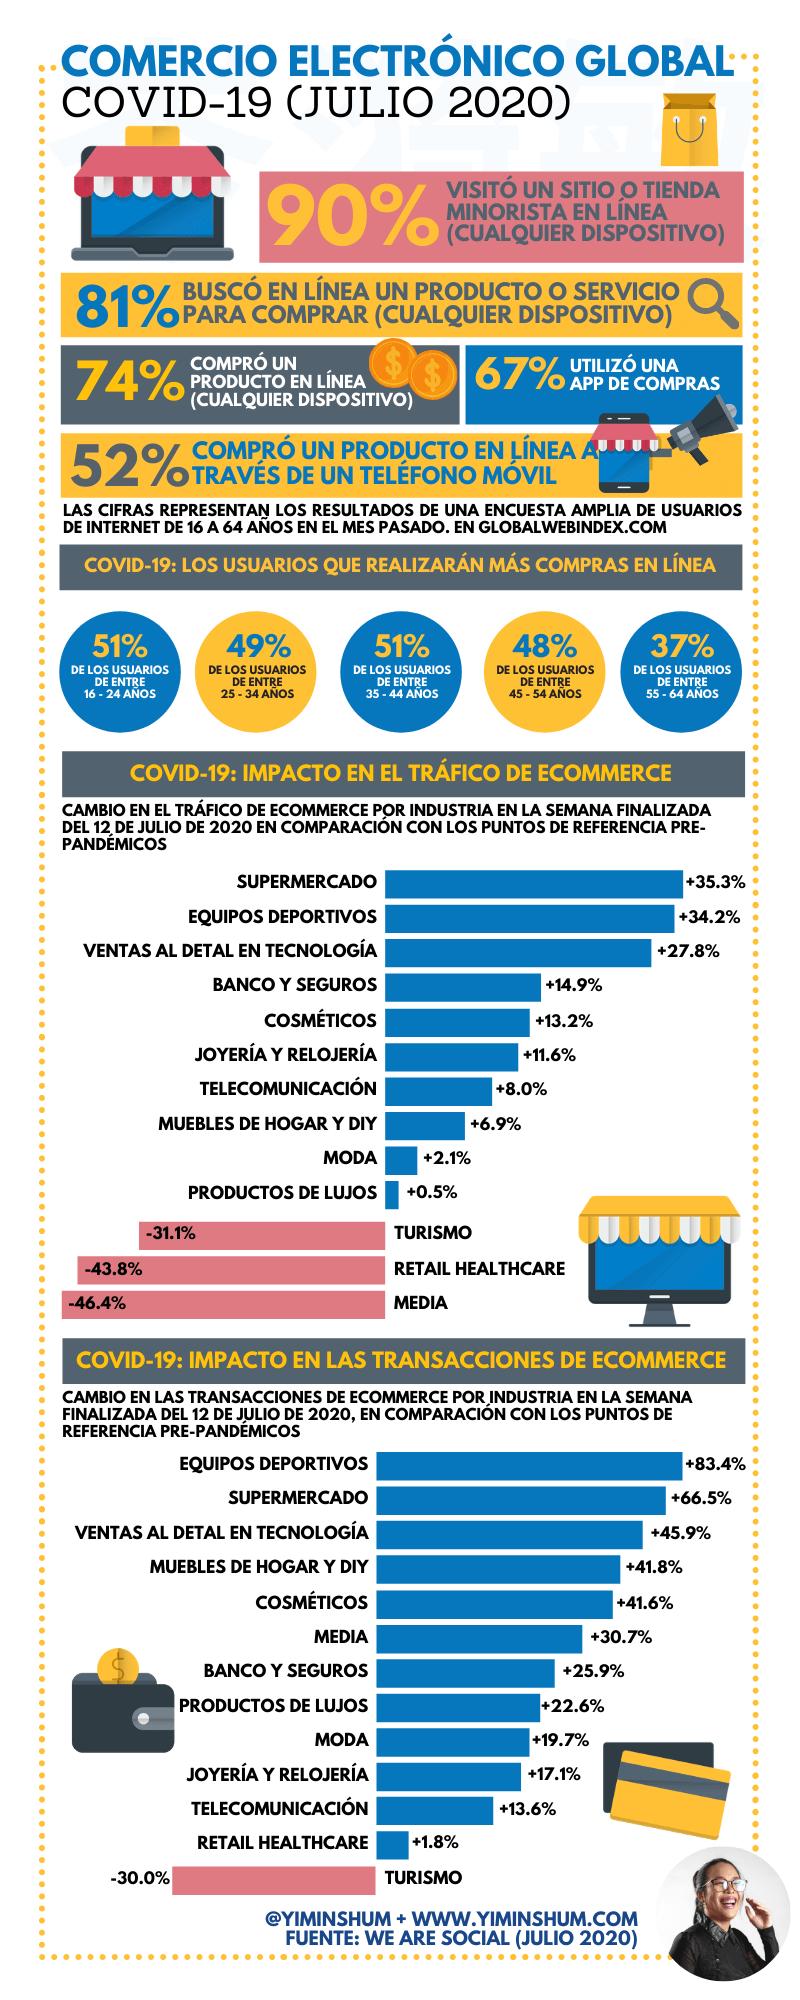 Comercio electrónico global Covid19 2020 #infografia #infographic #ecommerce